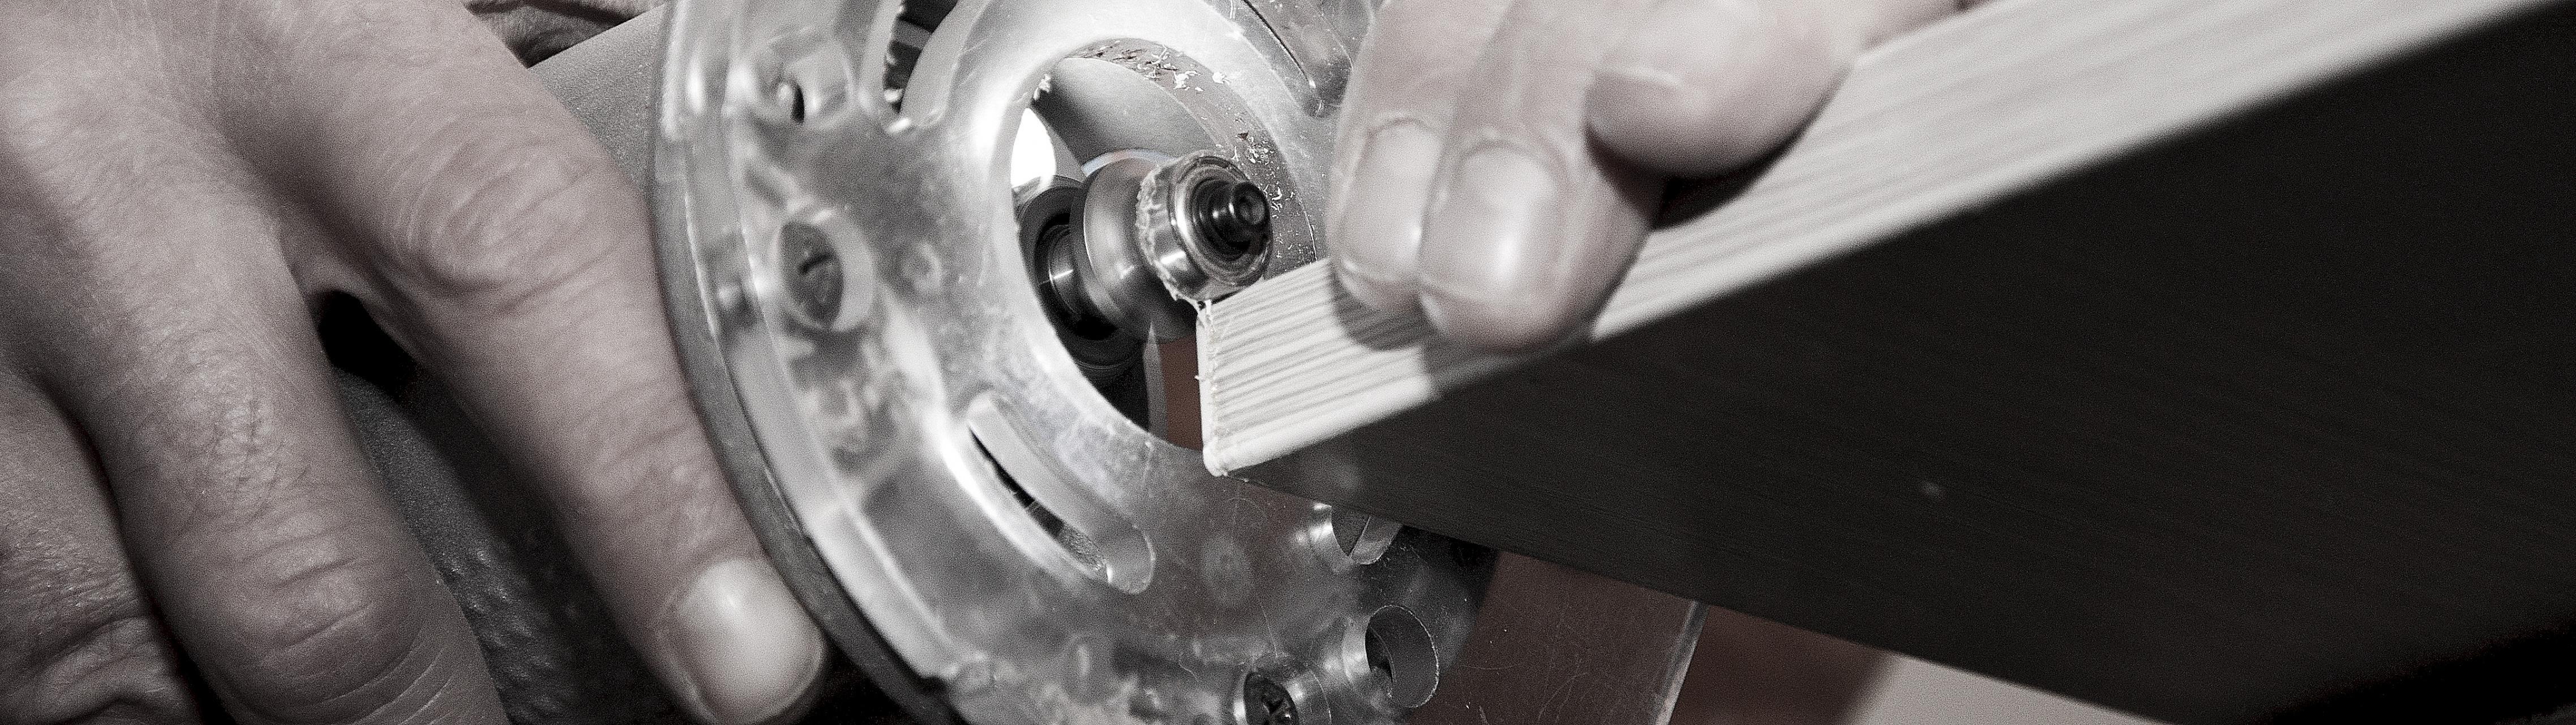 Для обработки торцов мебели мы используем профессиональное оборудование – кромкооблицовочный станок Casadey